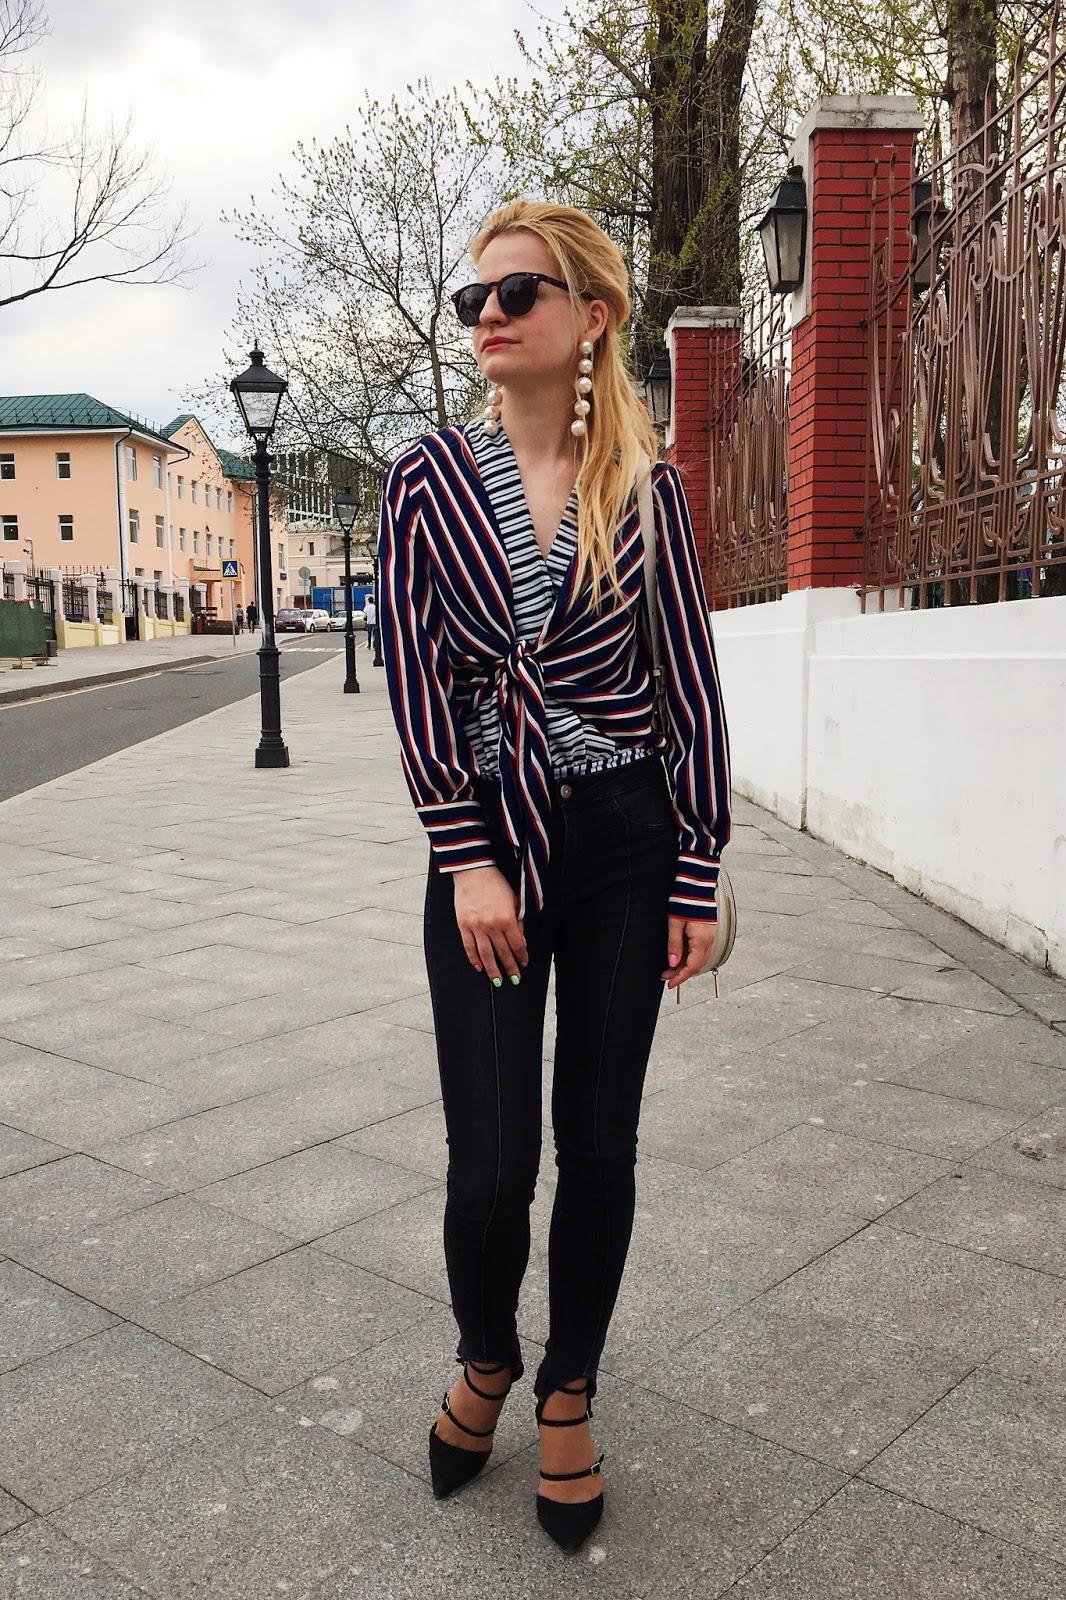 уличная мода, модные луки, рубашка в полоску лук